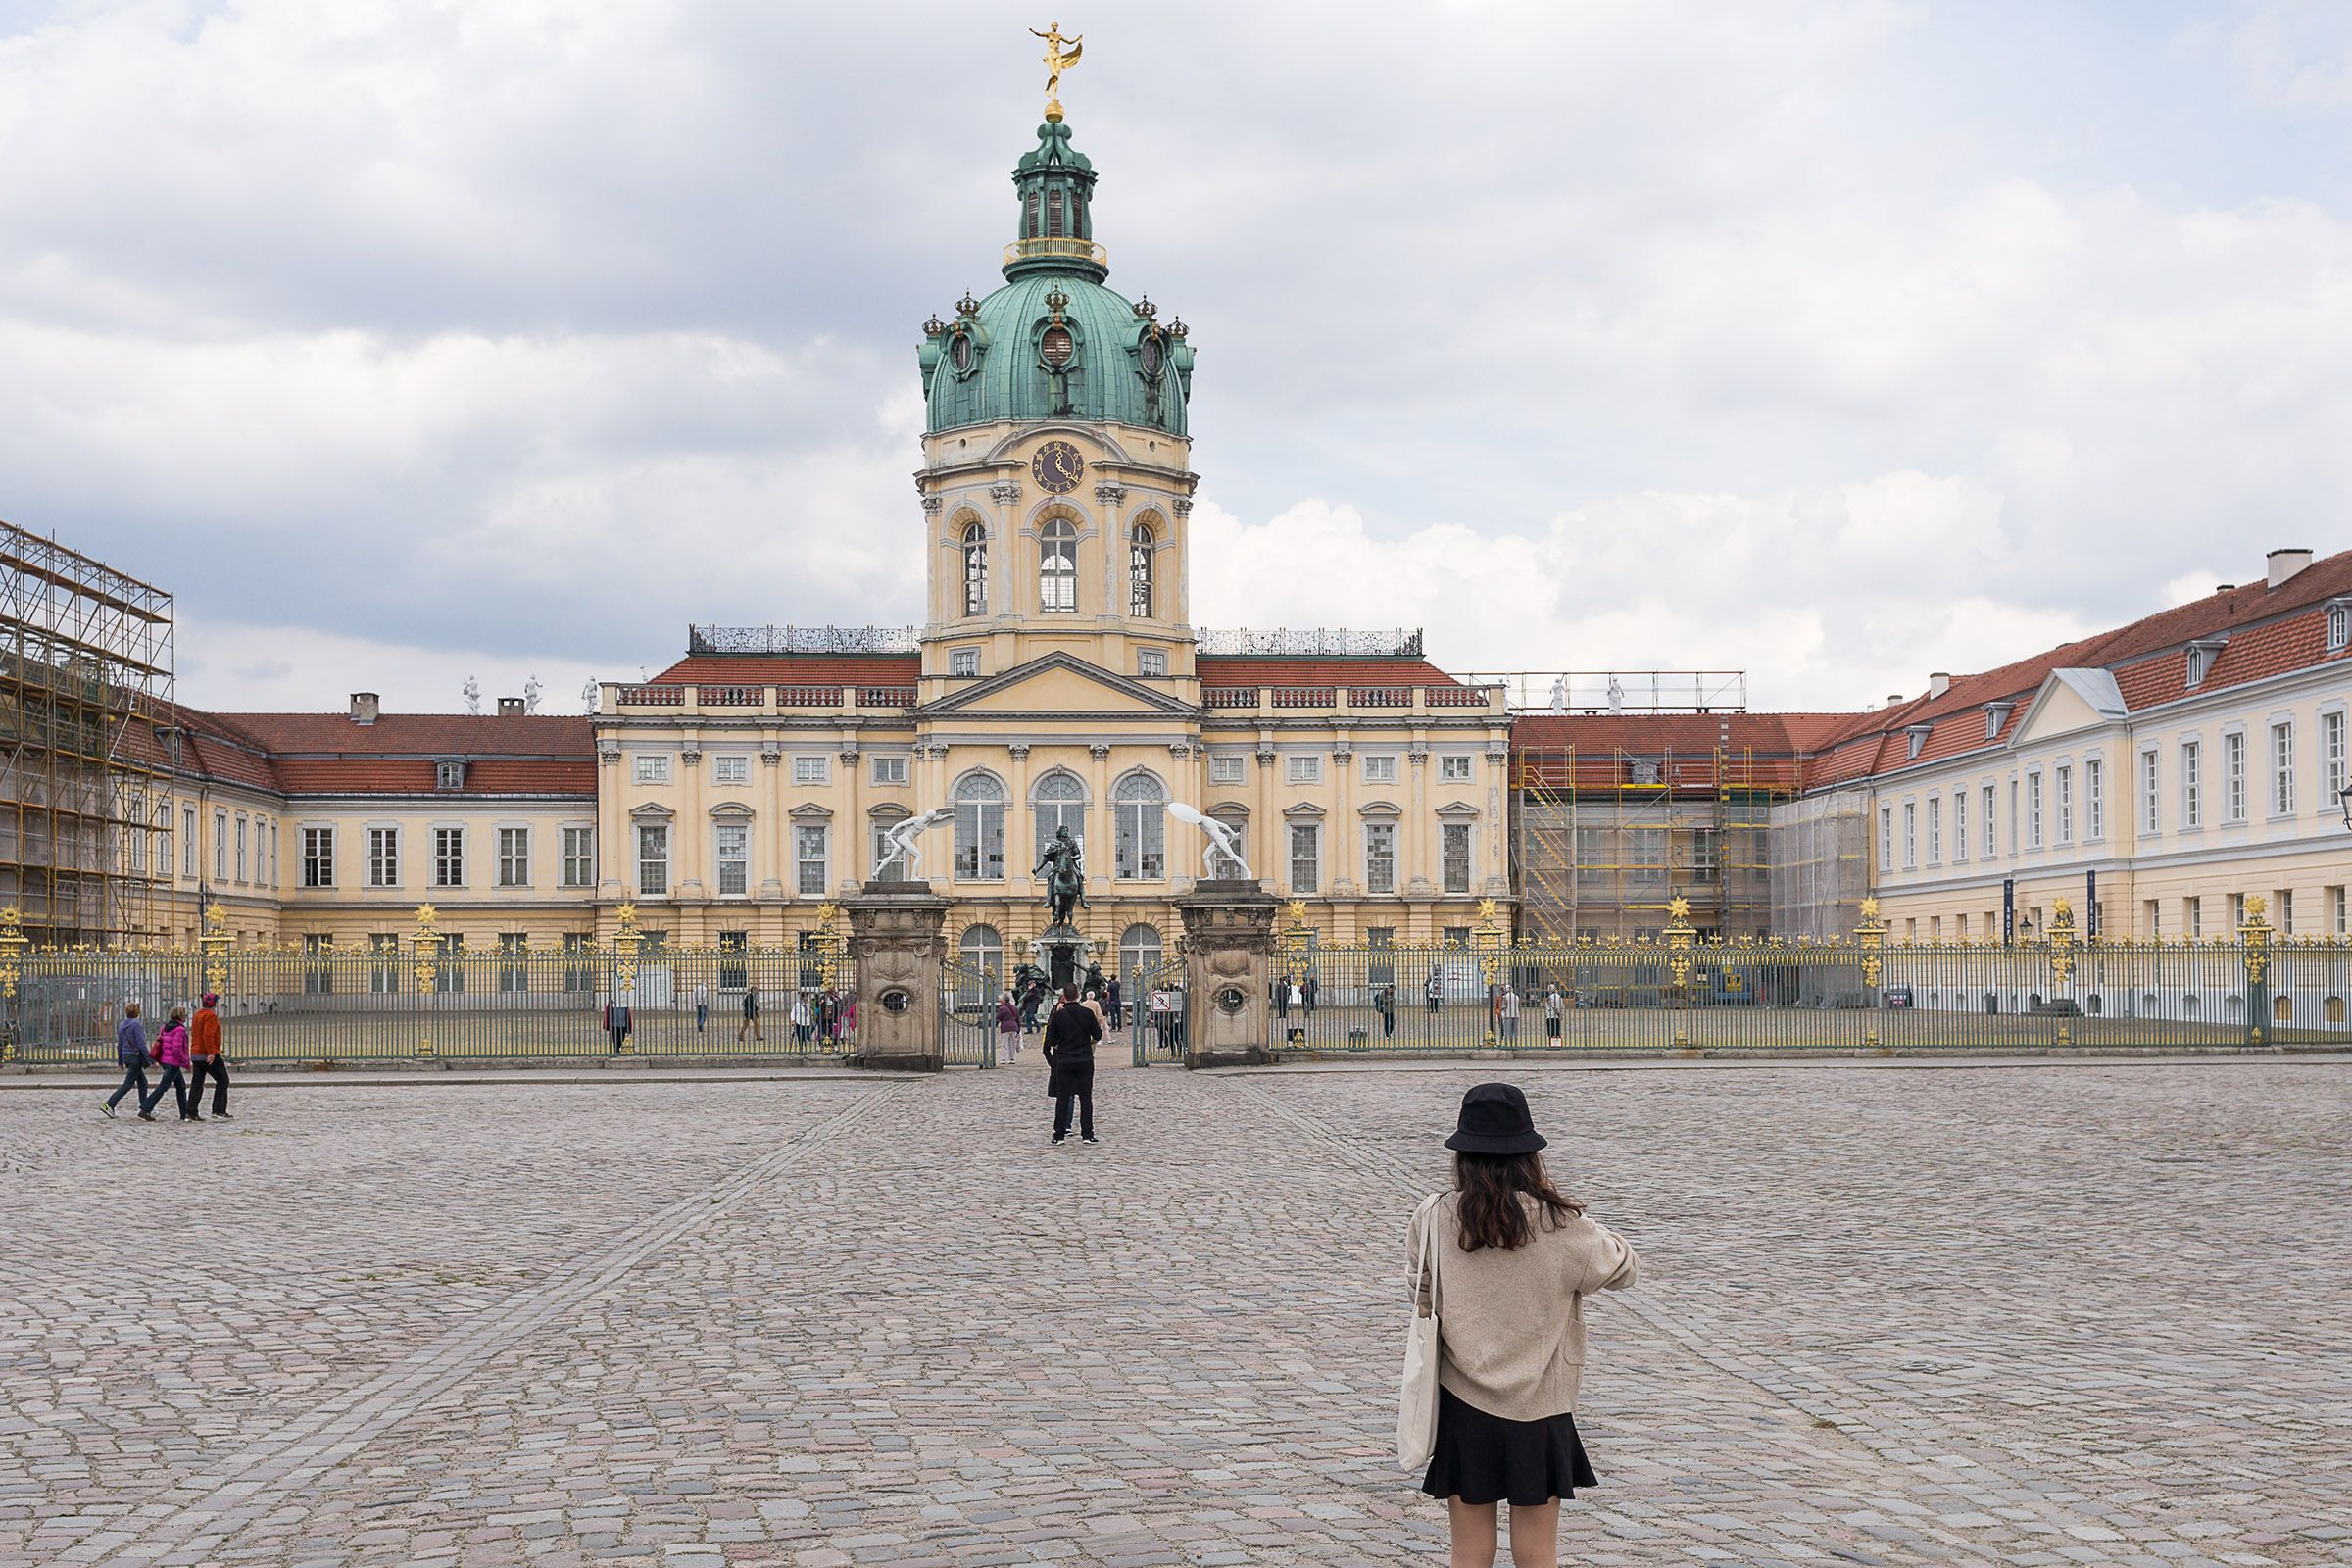 Berlin Charlottenburg Sehenswürdigkeiten Schloss